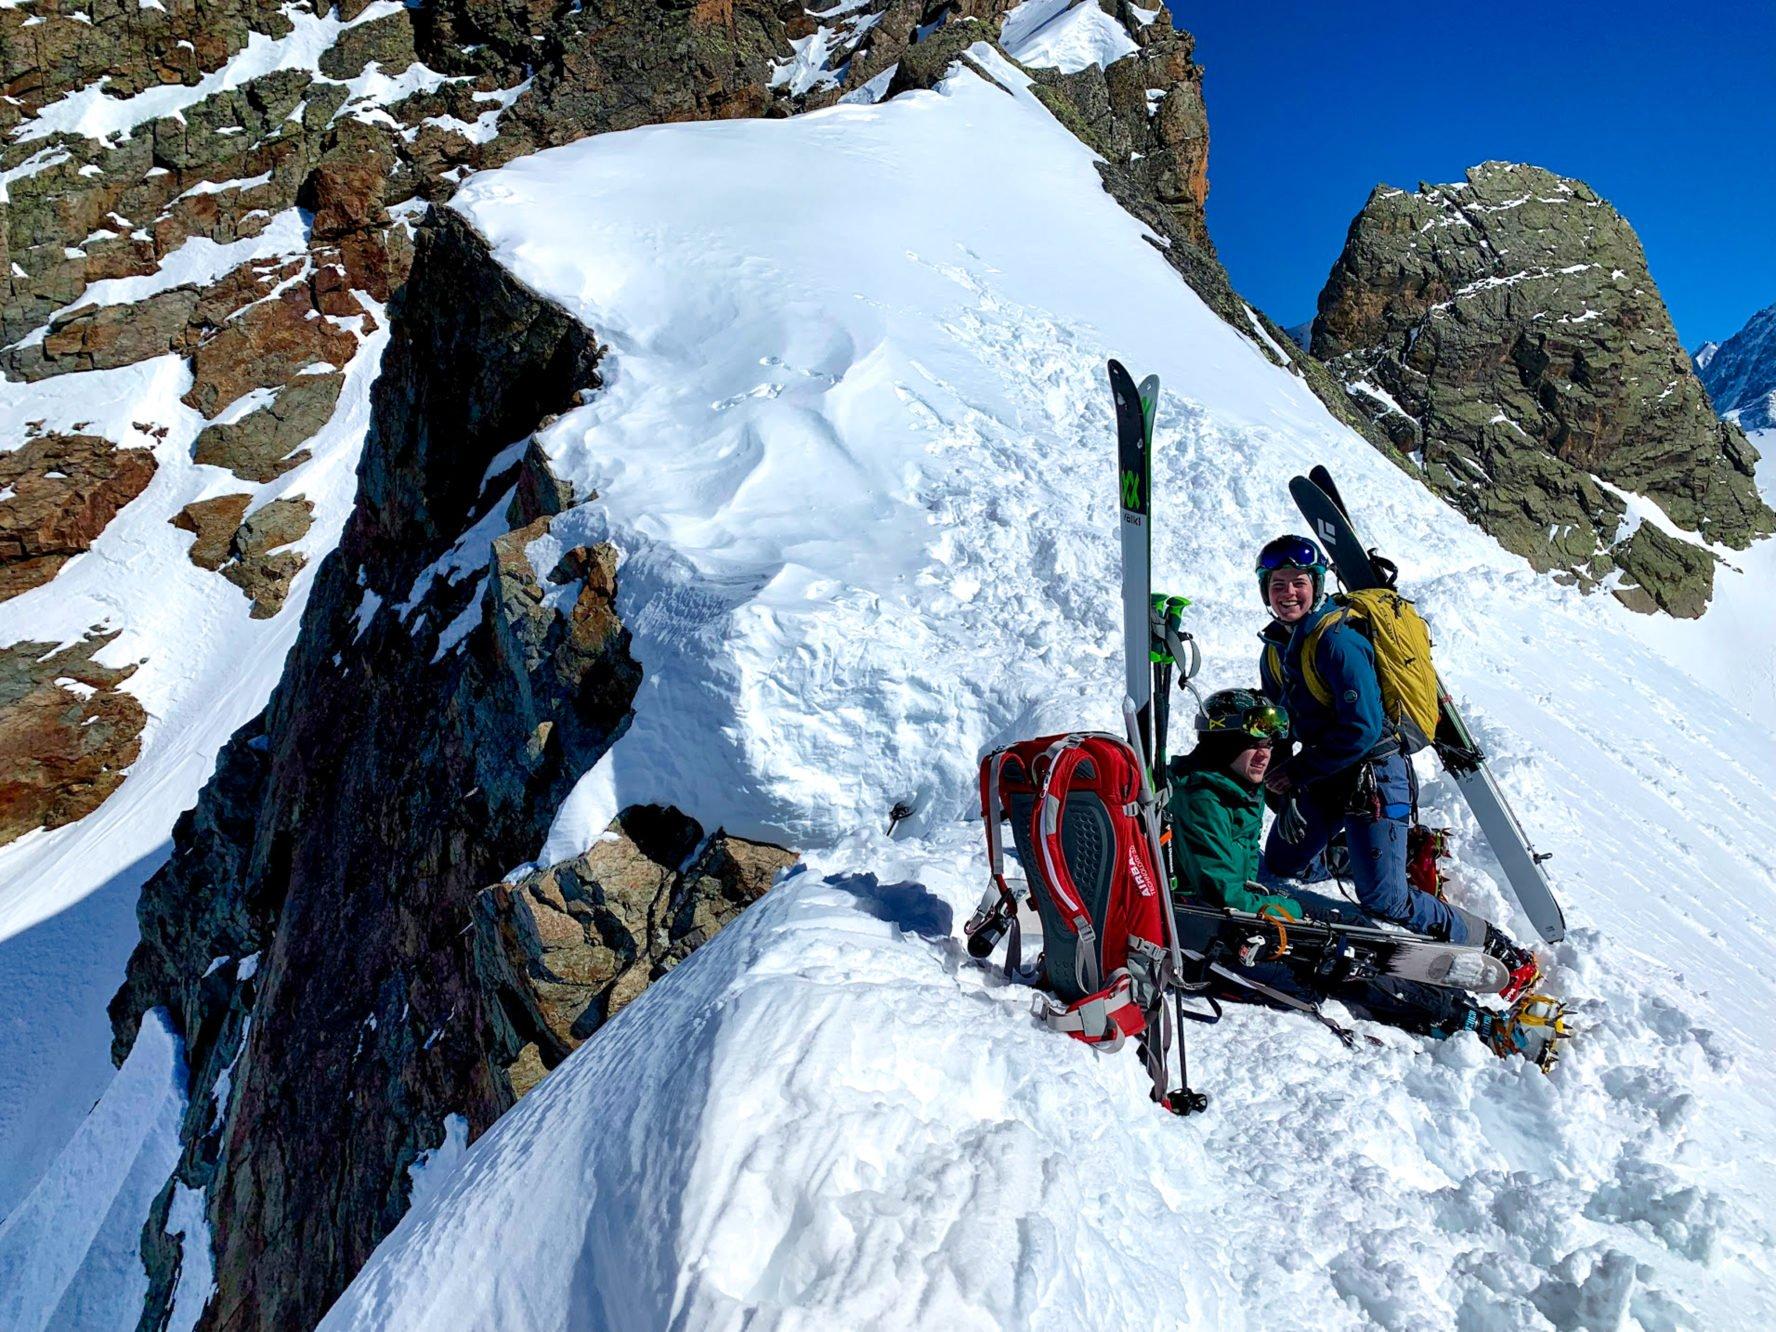 backcountry skiing Chamonix